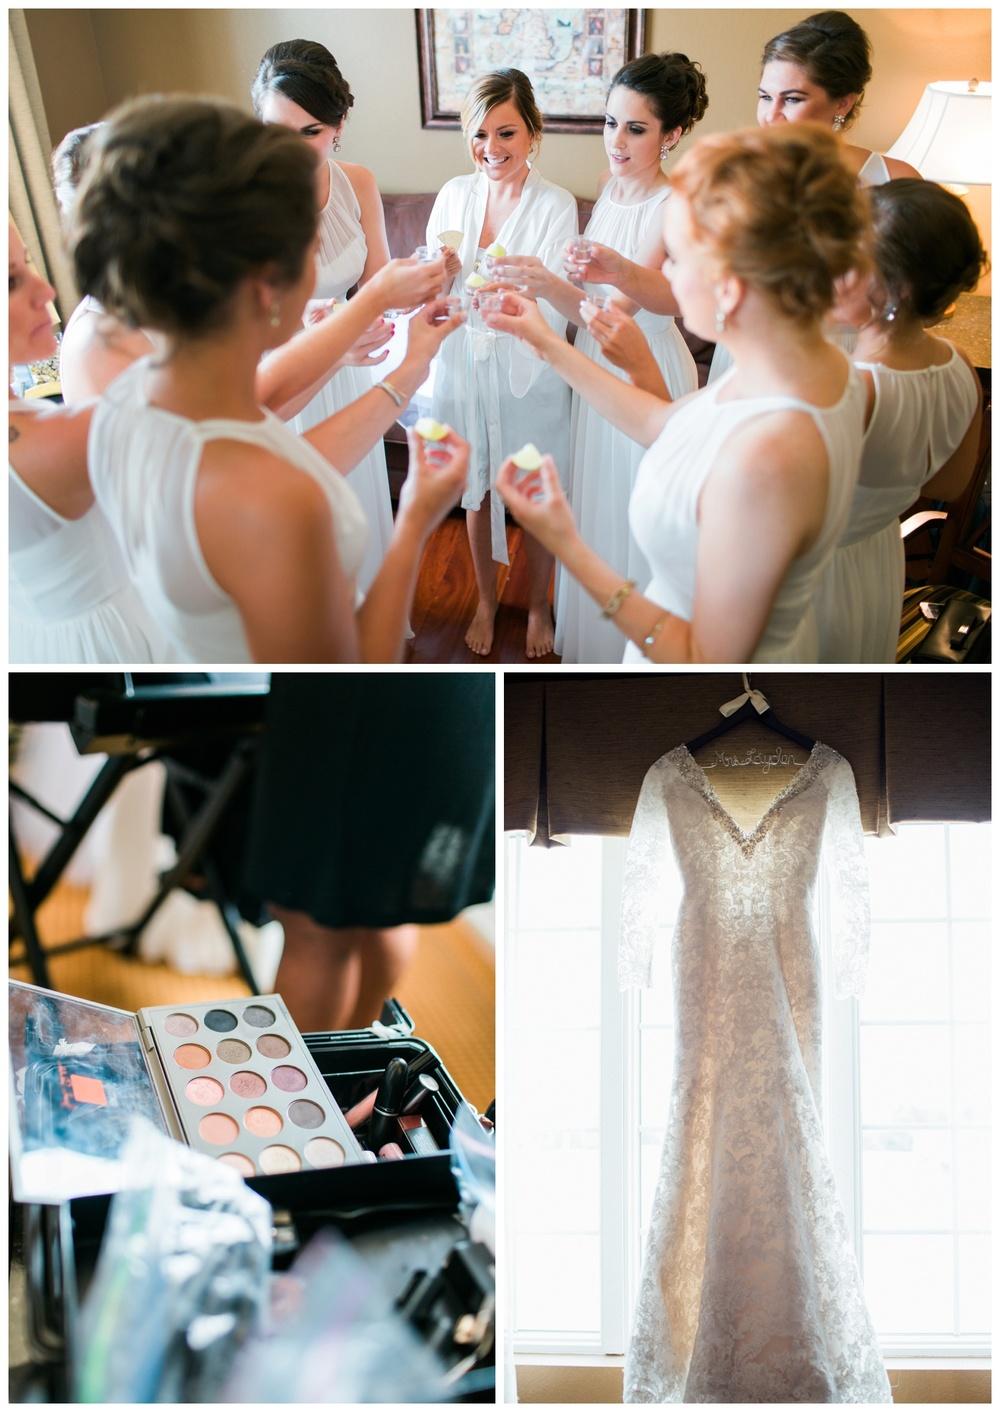 wedding photography st louis_lauren muckler photography_0002.jpg